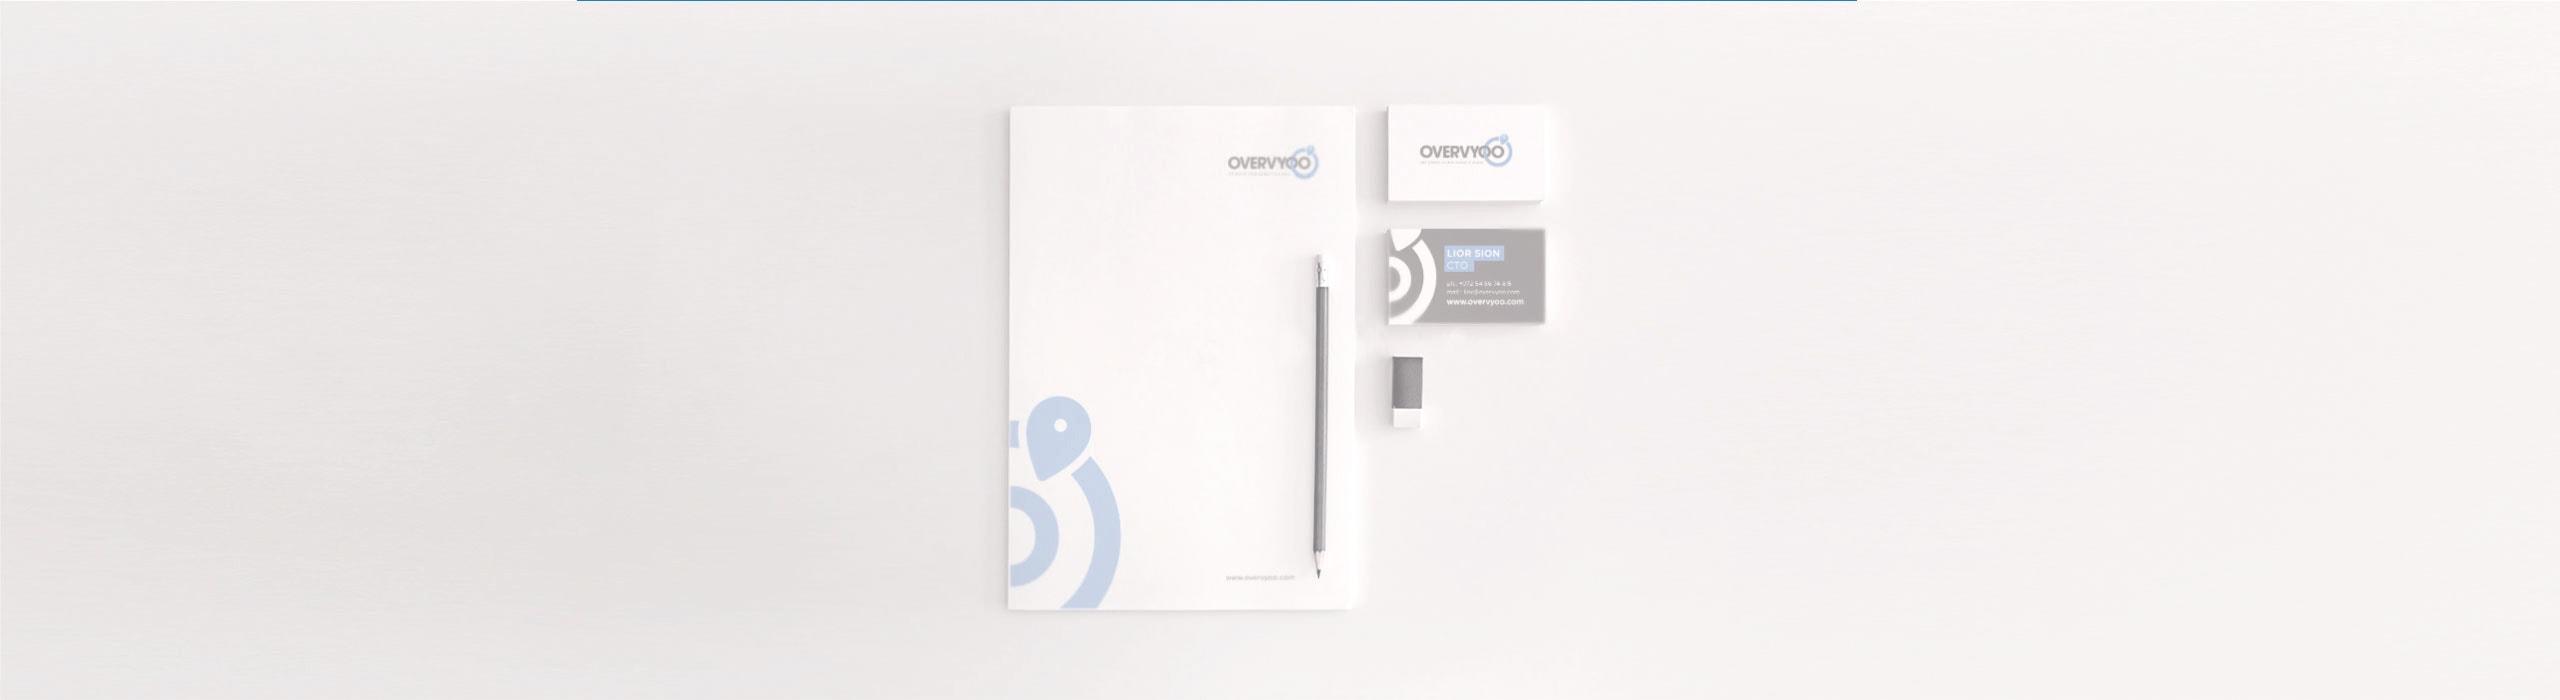 Overvyoo - natie-overvyoo-stationary-design - Natie Branding Agency